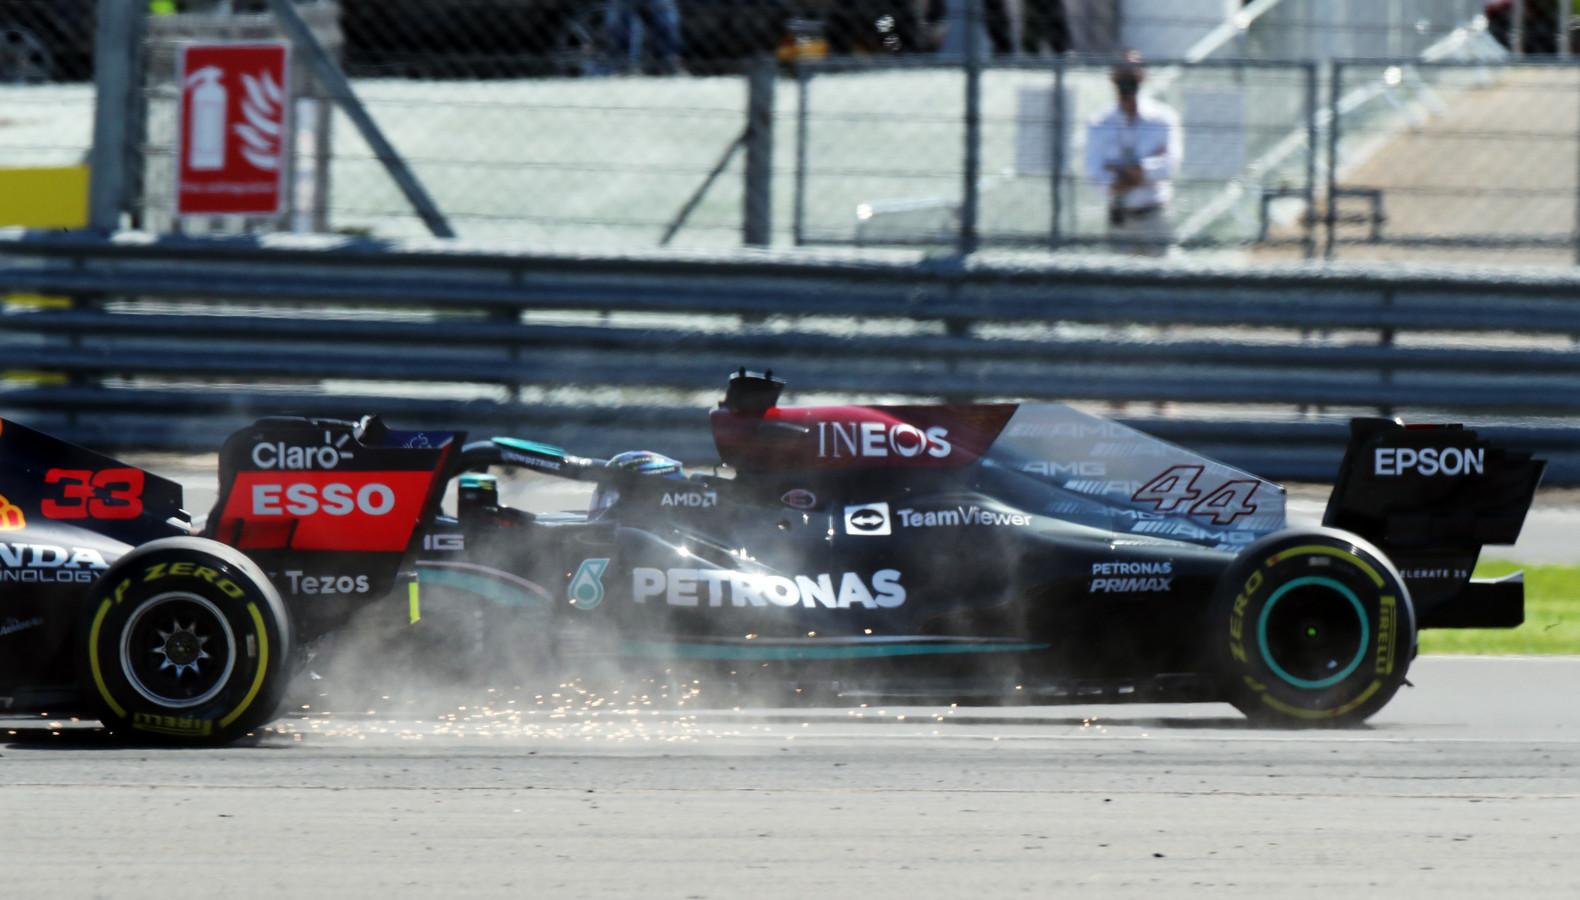 Het moment zondag waarop de auto van Lewis Hamilton het achterwiel van Max Verstappen raakte op het Silverstone circuit in Engeland.